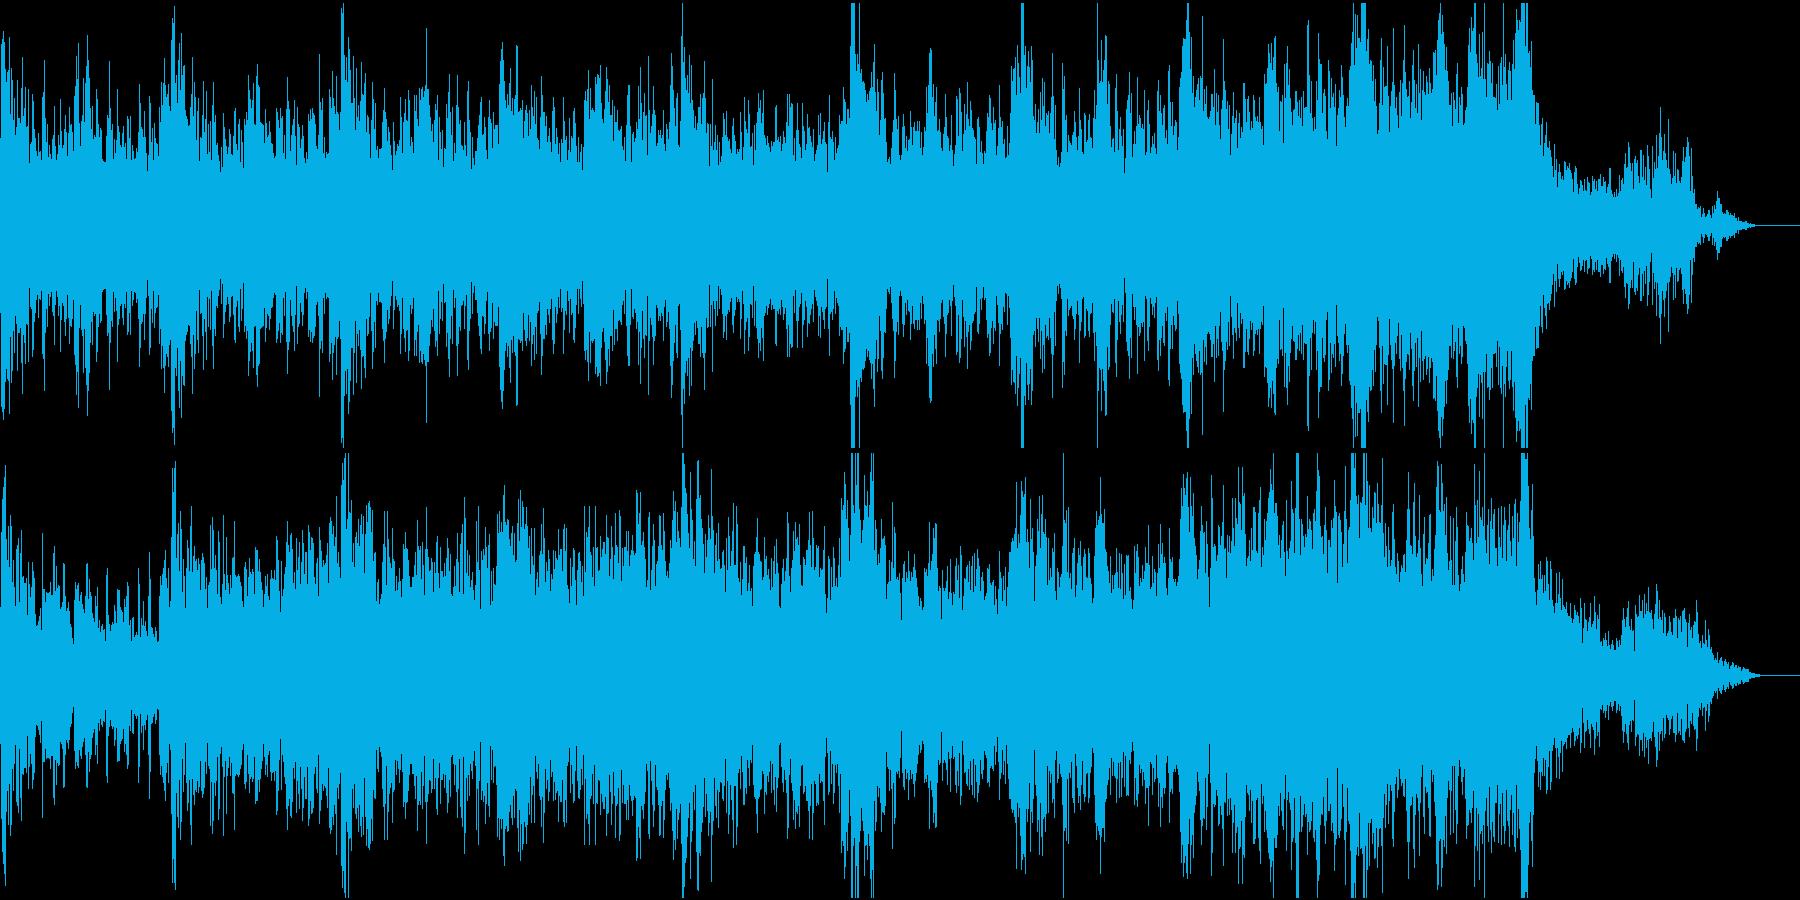 恐怖に襲われるようなドキドキする音の再生済みの波形